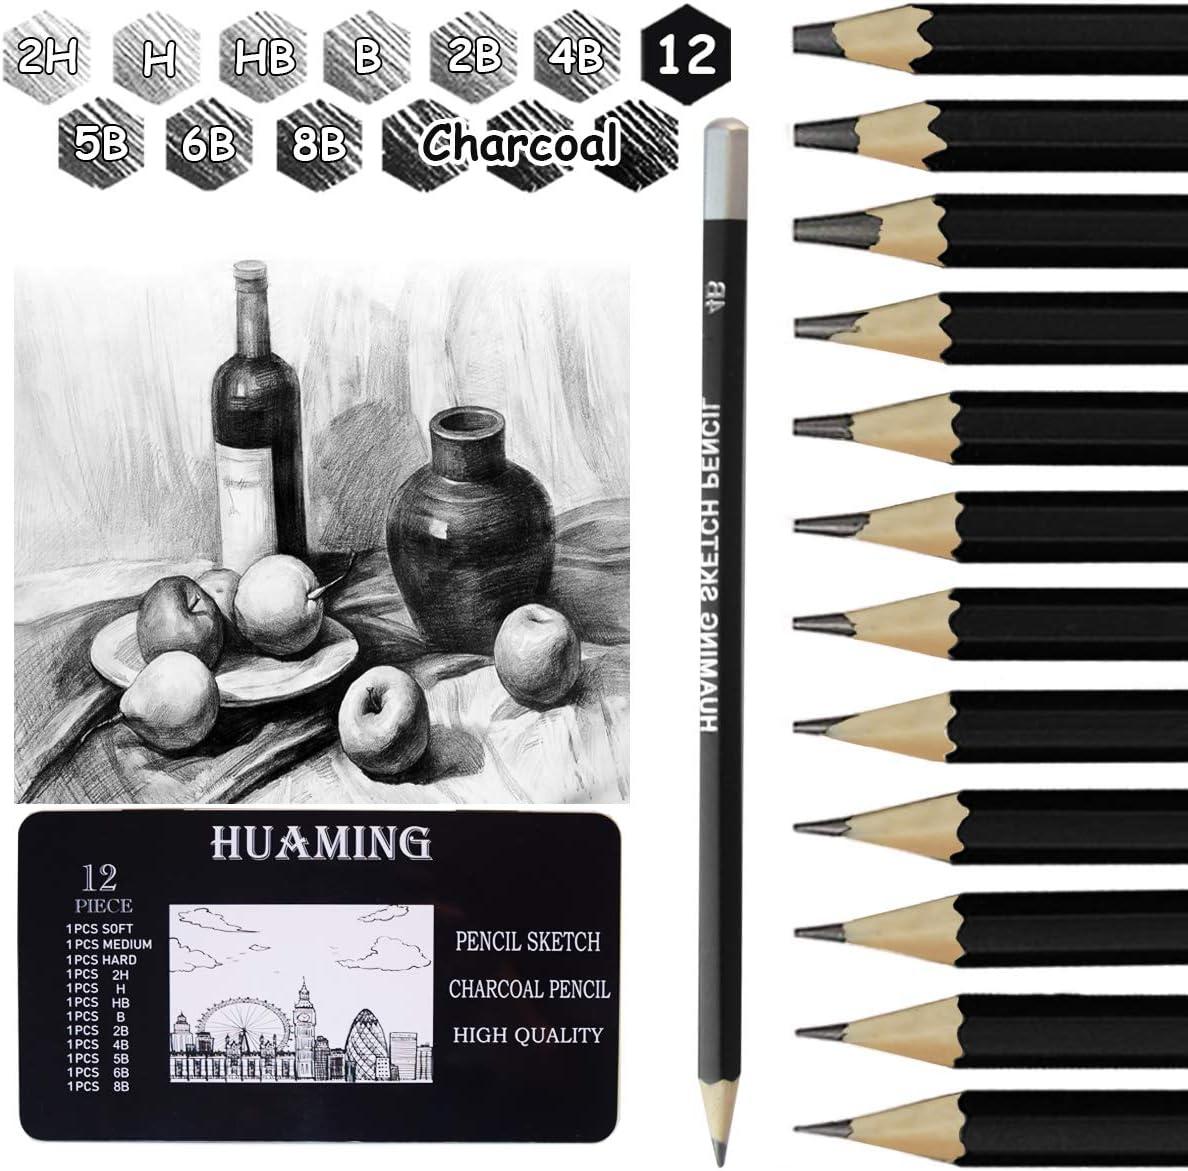 Zeichenstifte f/ür Anf/änger K/ünstler professionelle Skizzierstifte Graphitstift 1 Spitzer und 1 Radiergummi 2H H HB B 2B 4B 5B 6B 8B Bleistifte Set Surcotto 9 Bleistifte mit 3 Kohlestifte